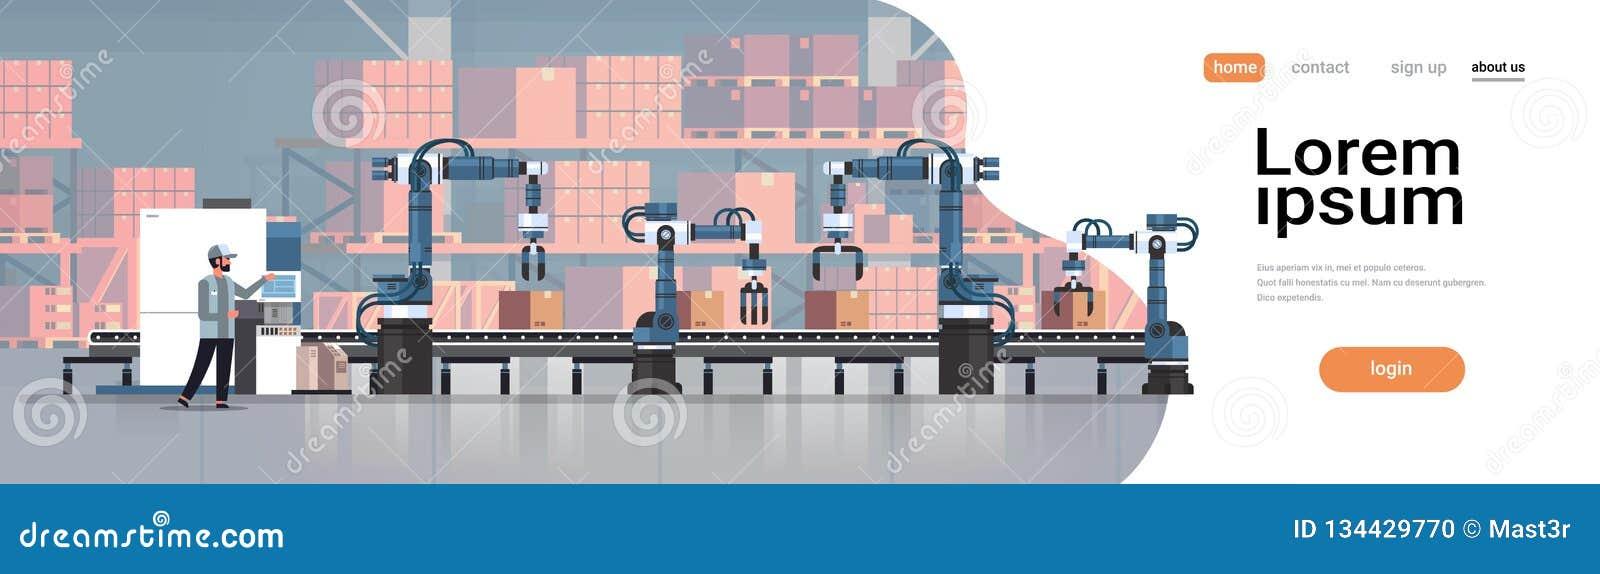 人工程师控制传送带线机器人手工厂自动化生产制造过程概念